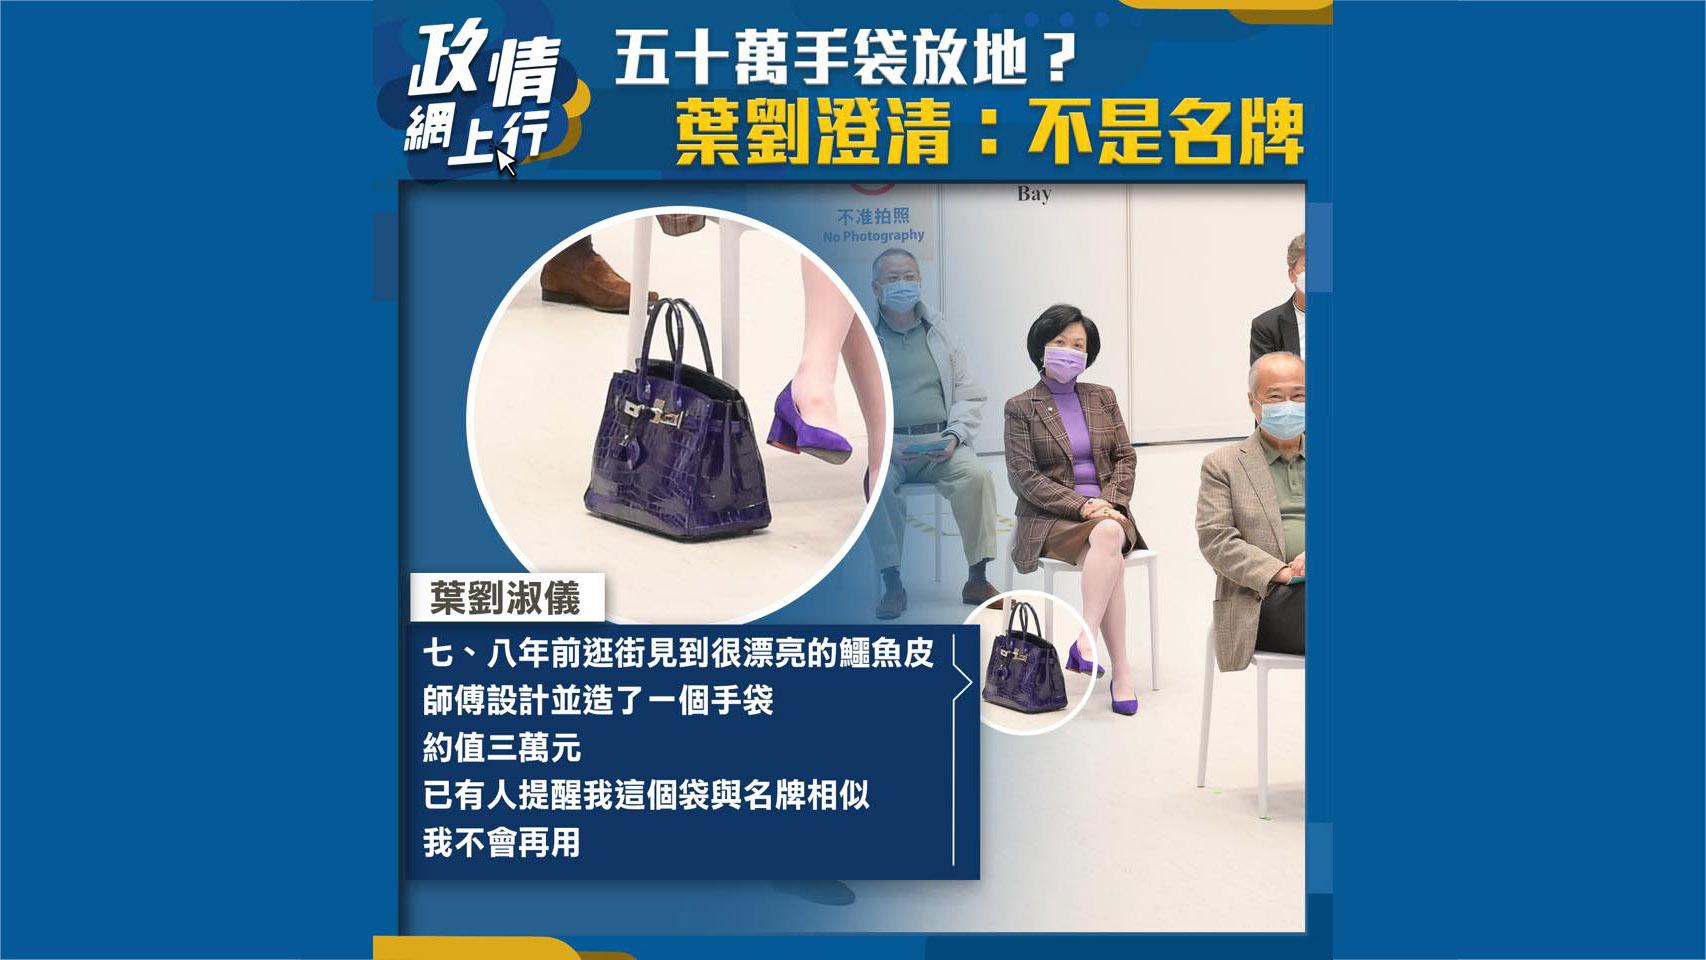 【政情網上行】五十萬手袋放地?葉劉澄清:不是名牌